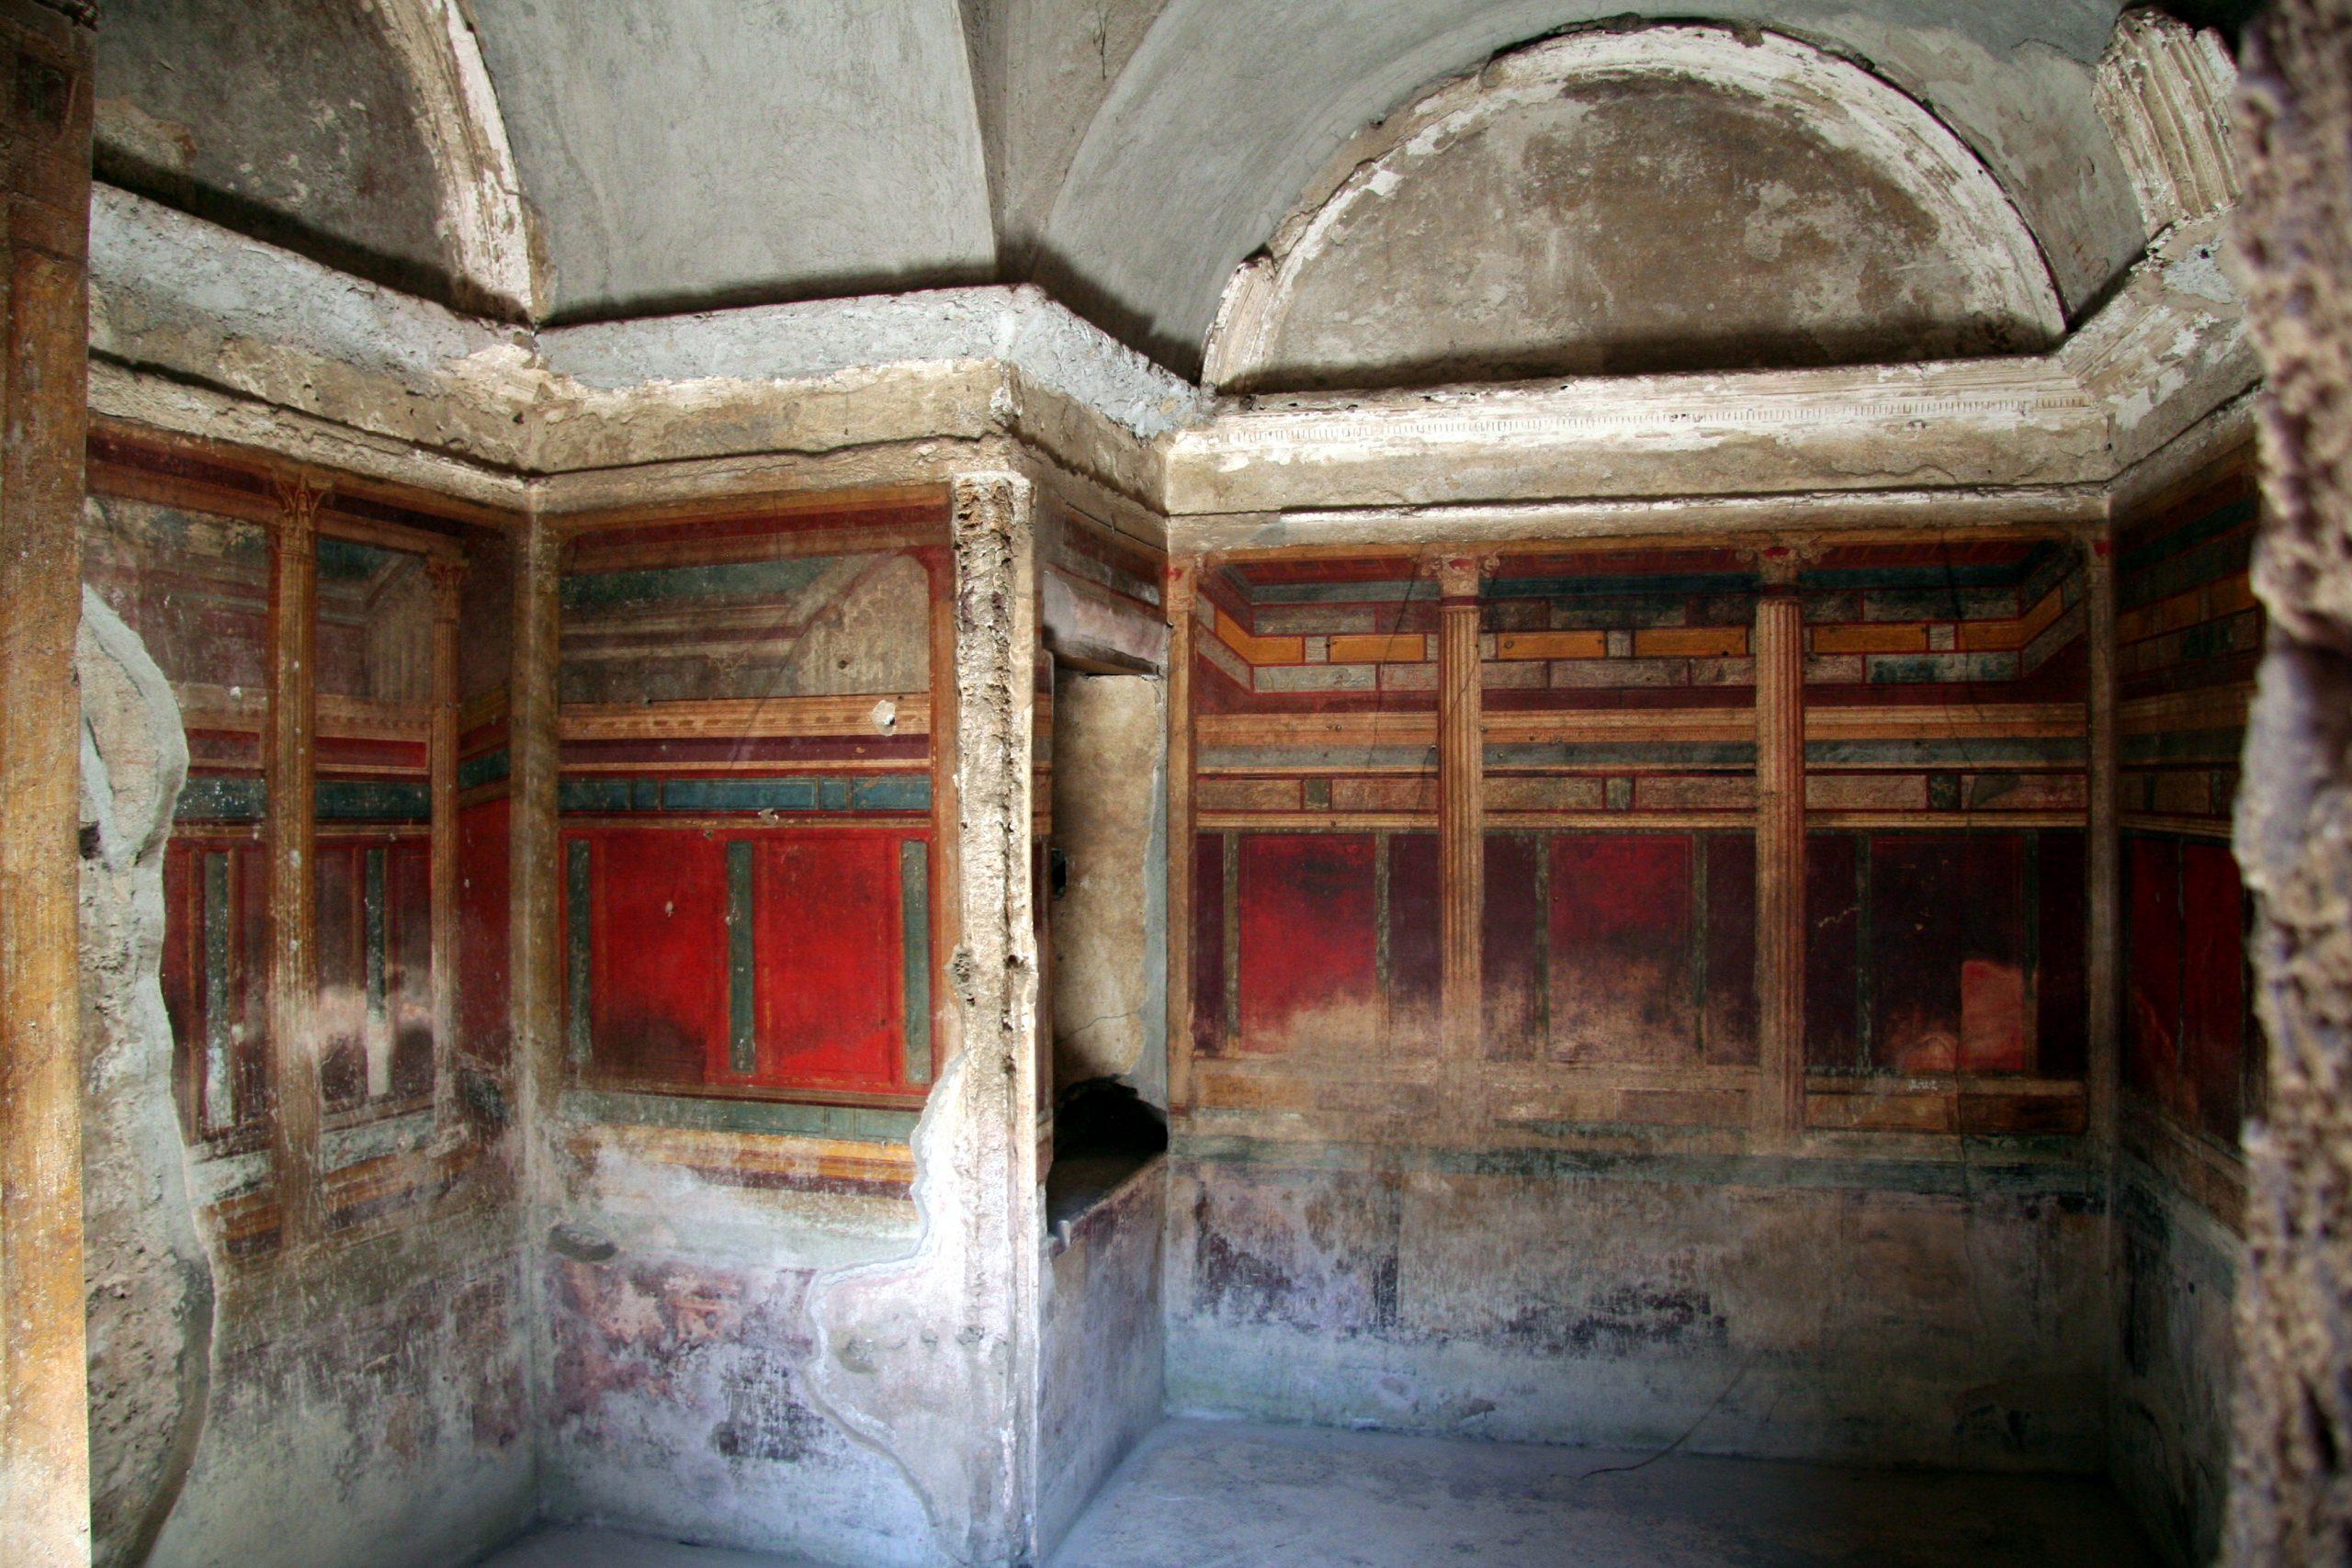 2009, Villa dei Misteri, Pompeii, Italy